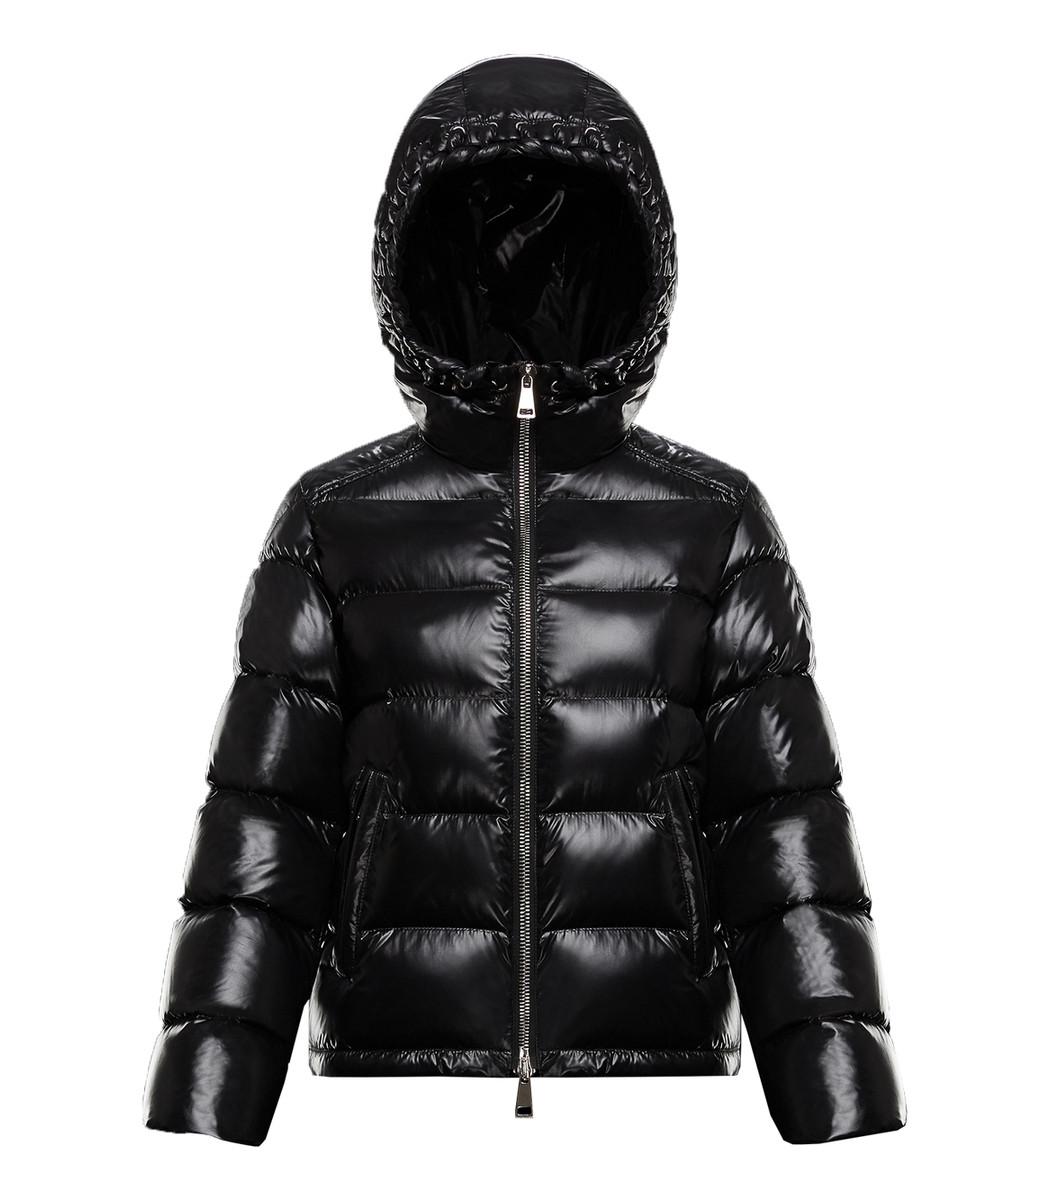 MONCLER GENIUS Black X Noir Almandine Jacket